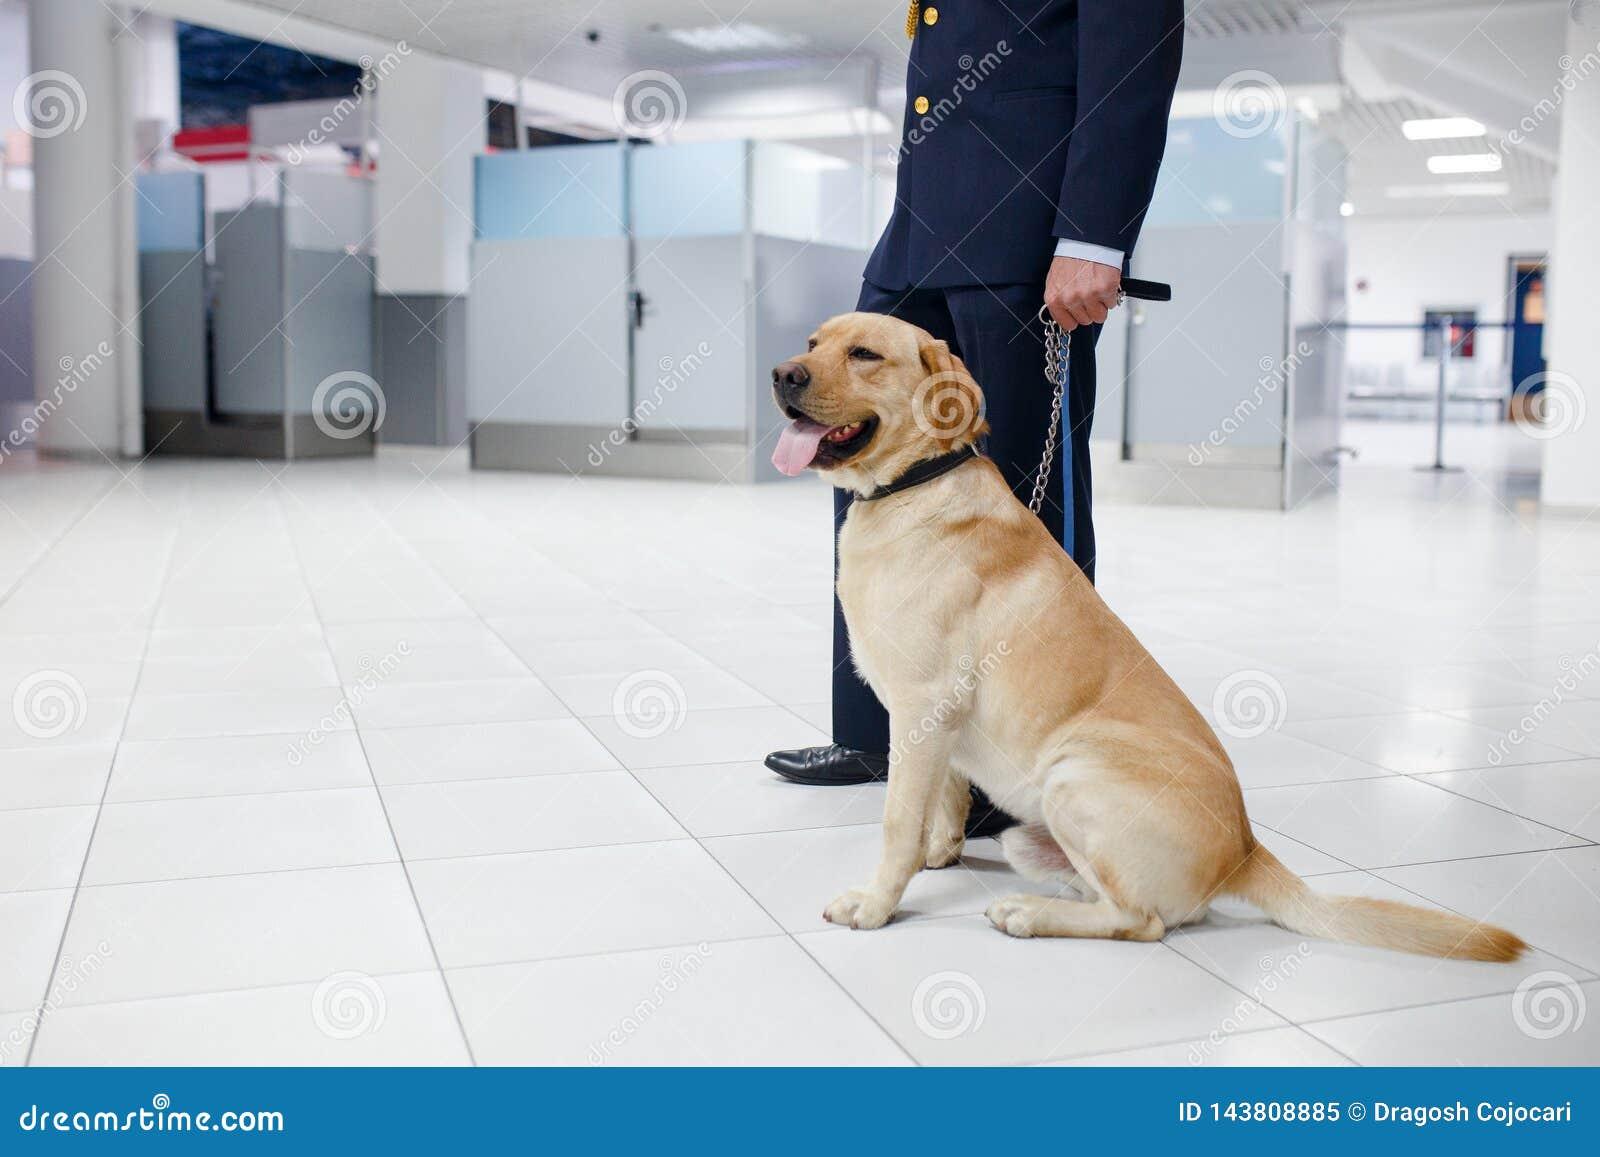 Een Labrador voor het ontdekken van drugs bij de luchthaven die zich dichtbij de douanewacht bevinden Horizontale mening